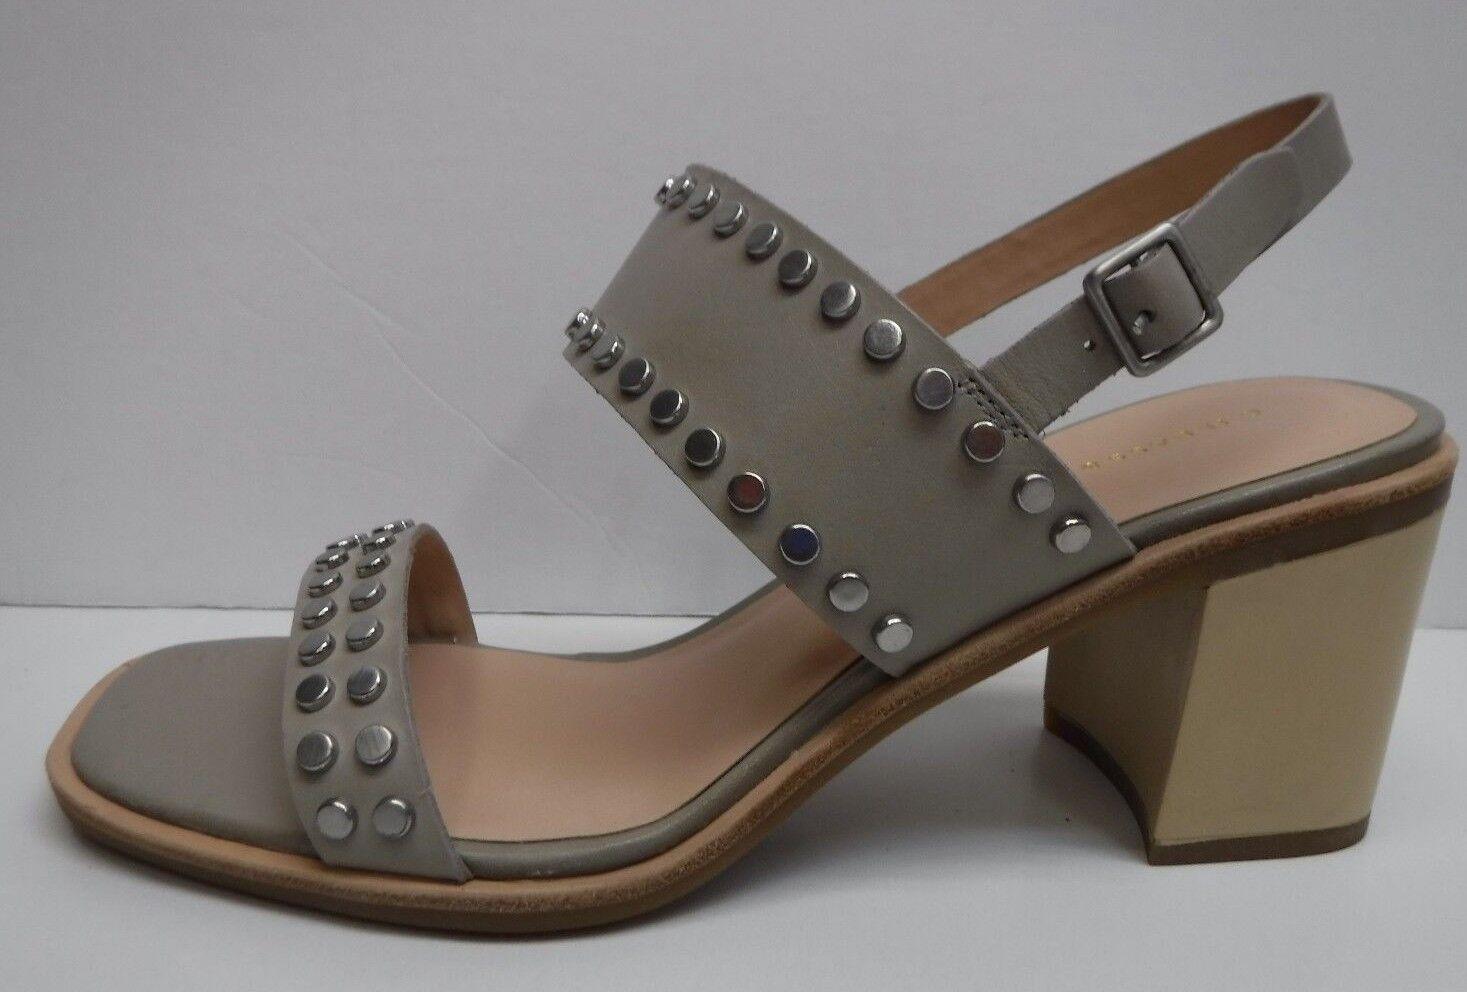 G.H. Bass & Co Größe 8 Gray Leder Dress Sandale New Damenschuhe Schuhes